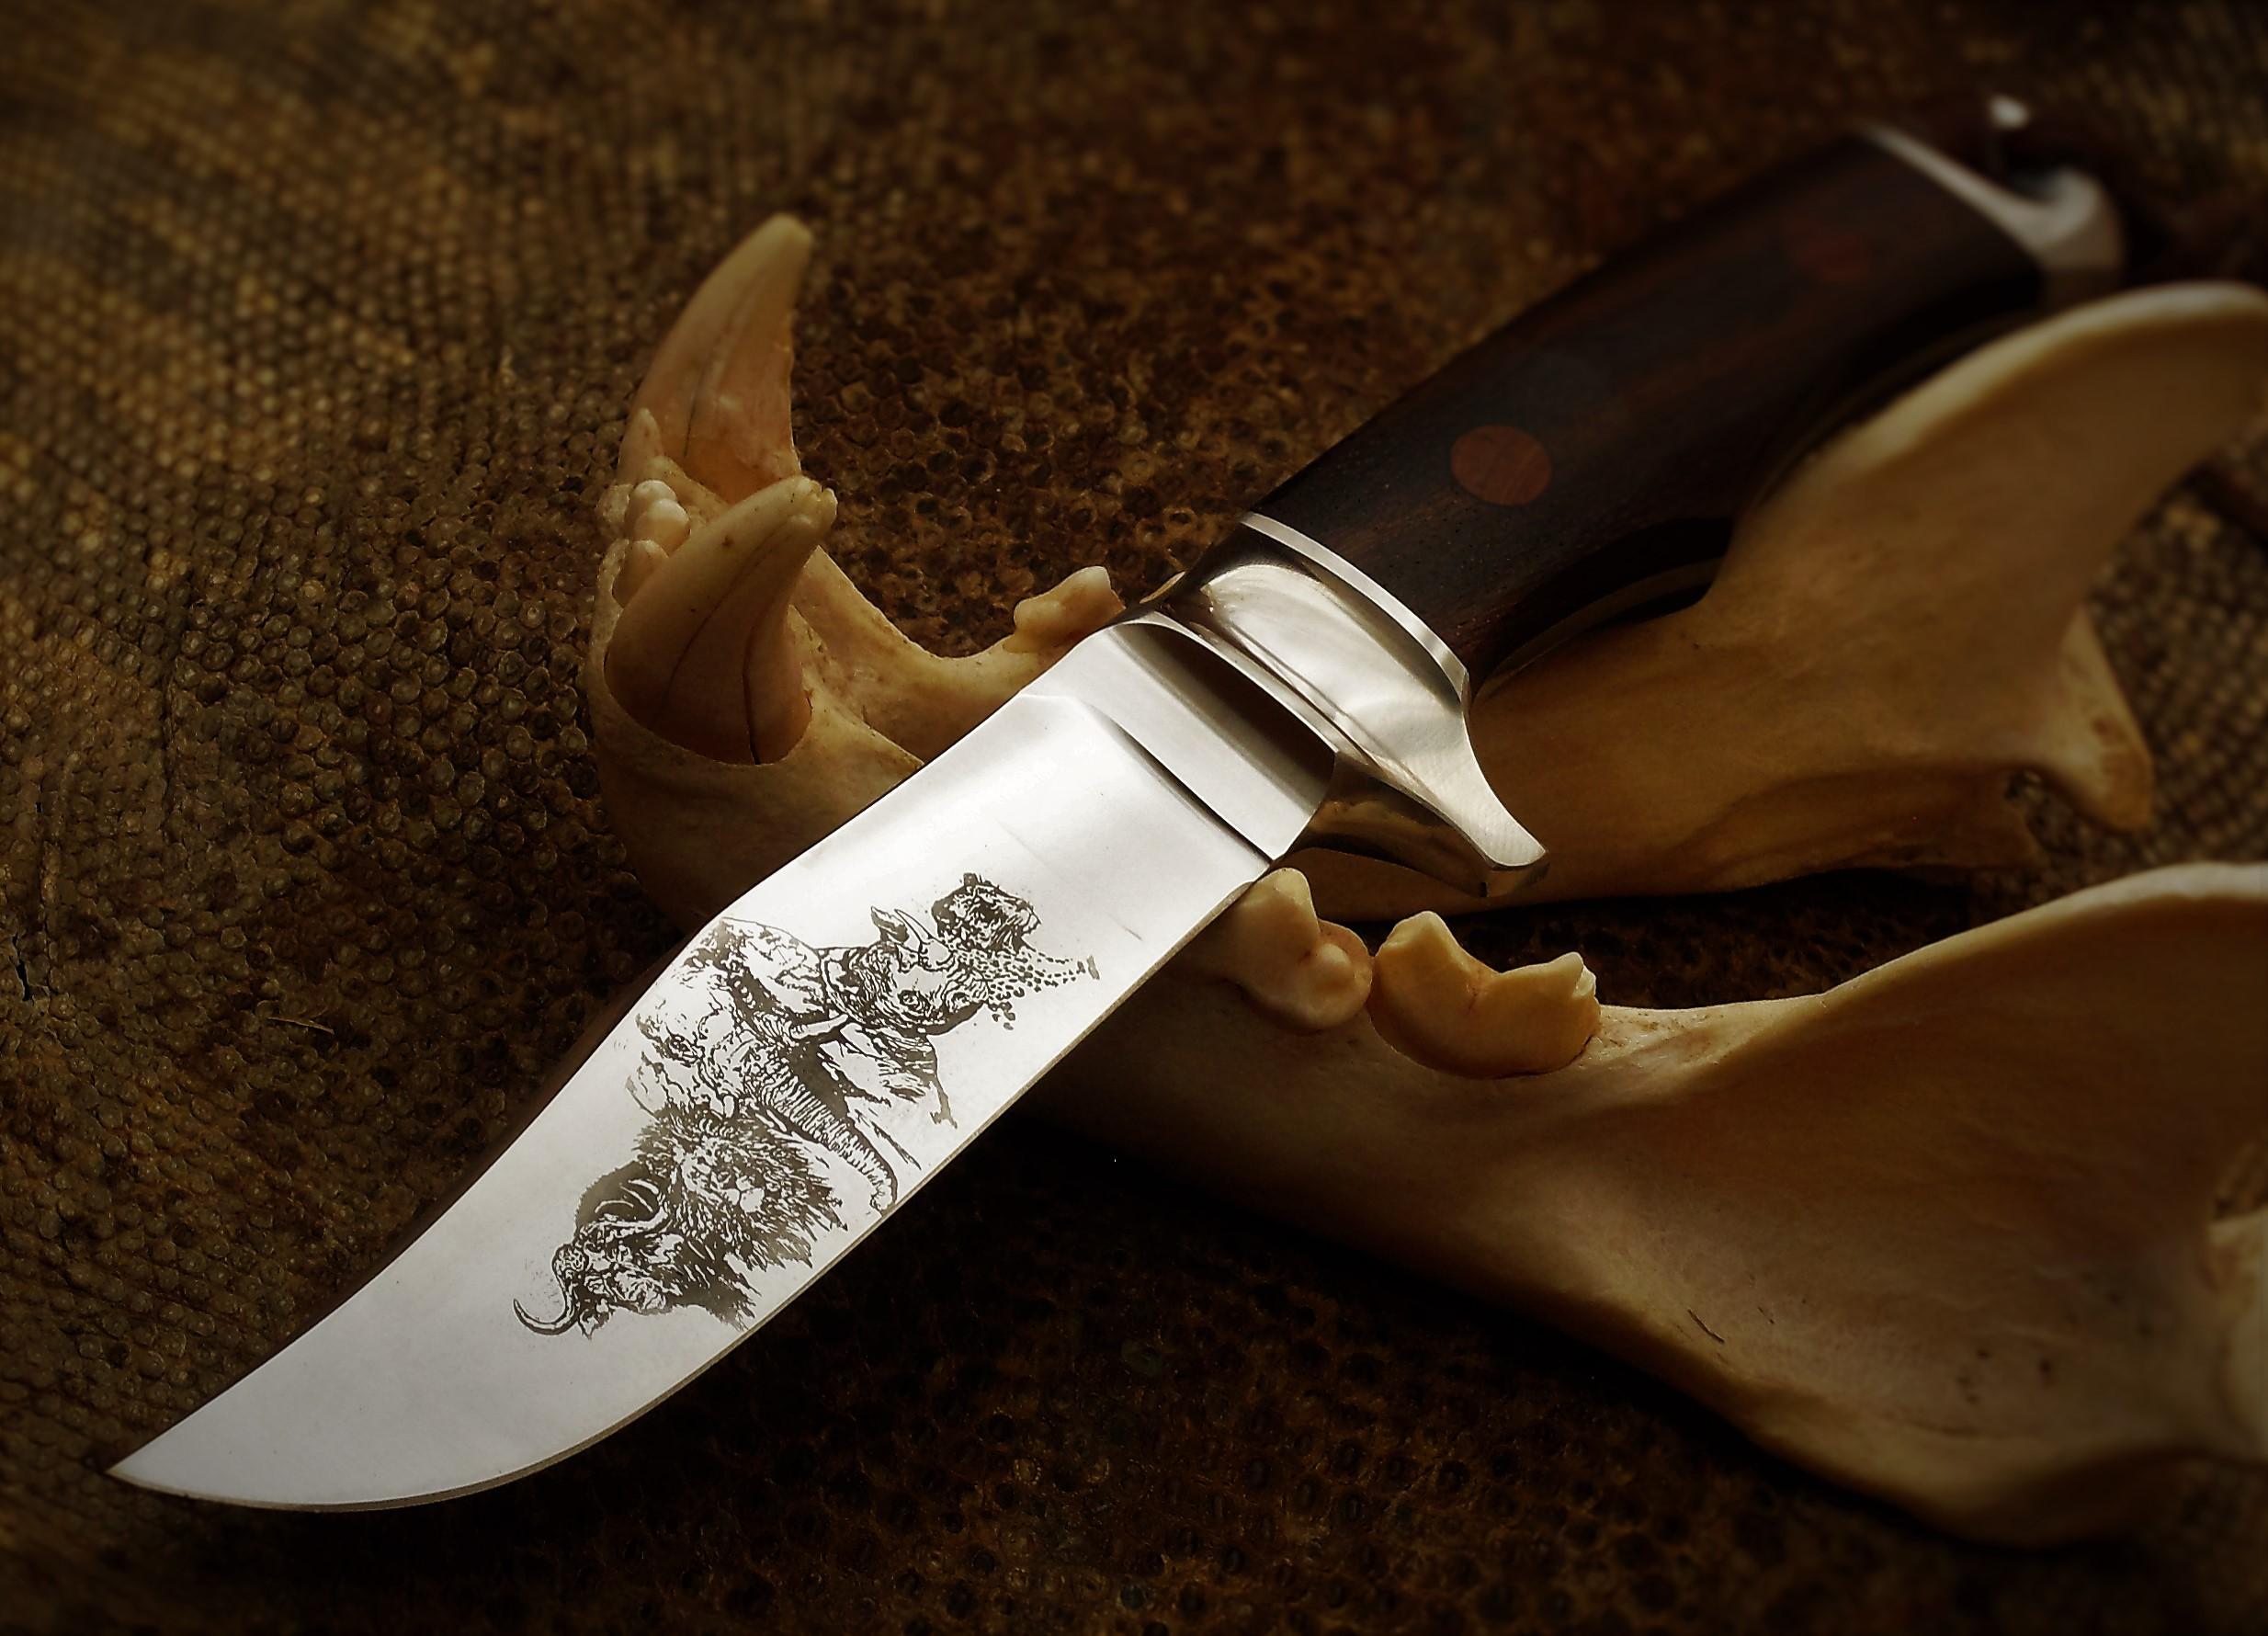 South African Knife maker - Louis Naude | 2468 x 1780 jpeg 670kB